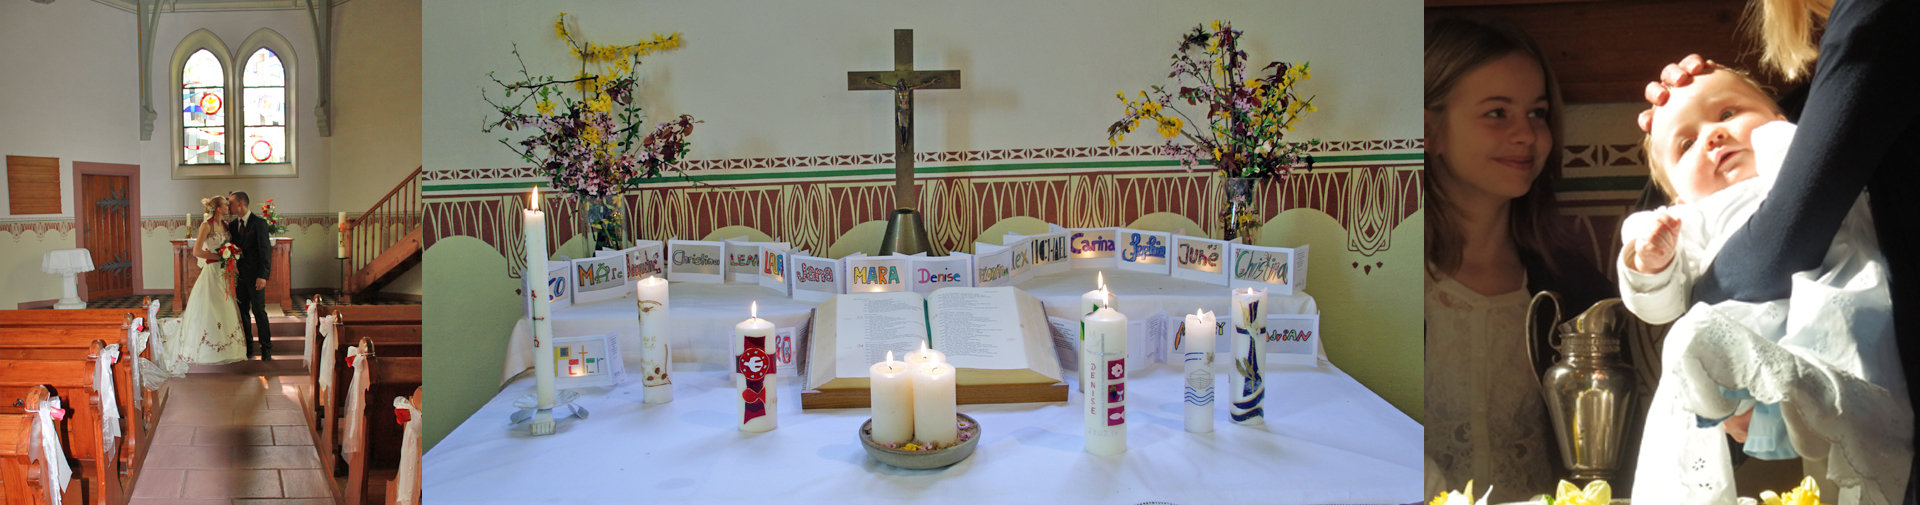 Unser Kind soll getauft werden / Quelle: Evangelische Kirchengemeinden Riegel und Endingen